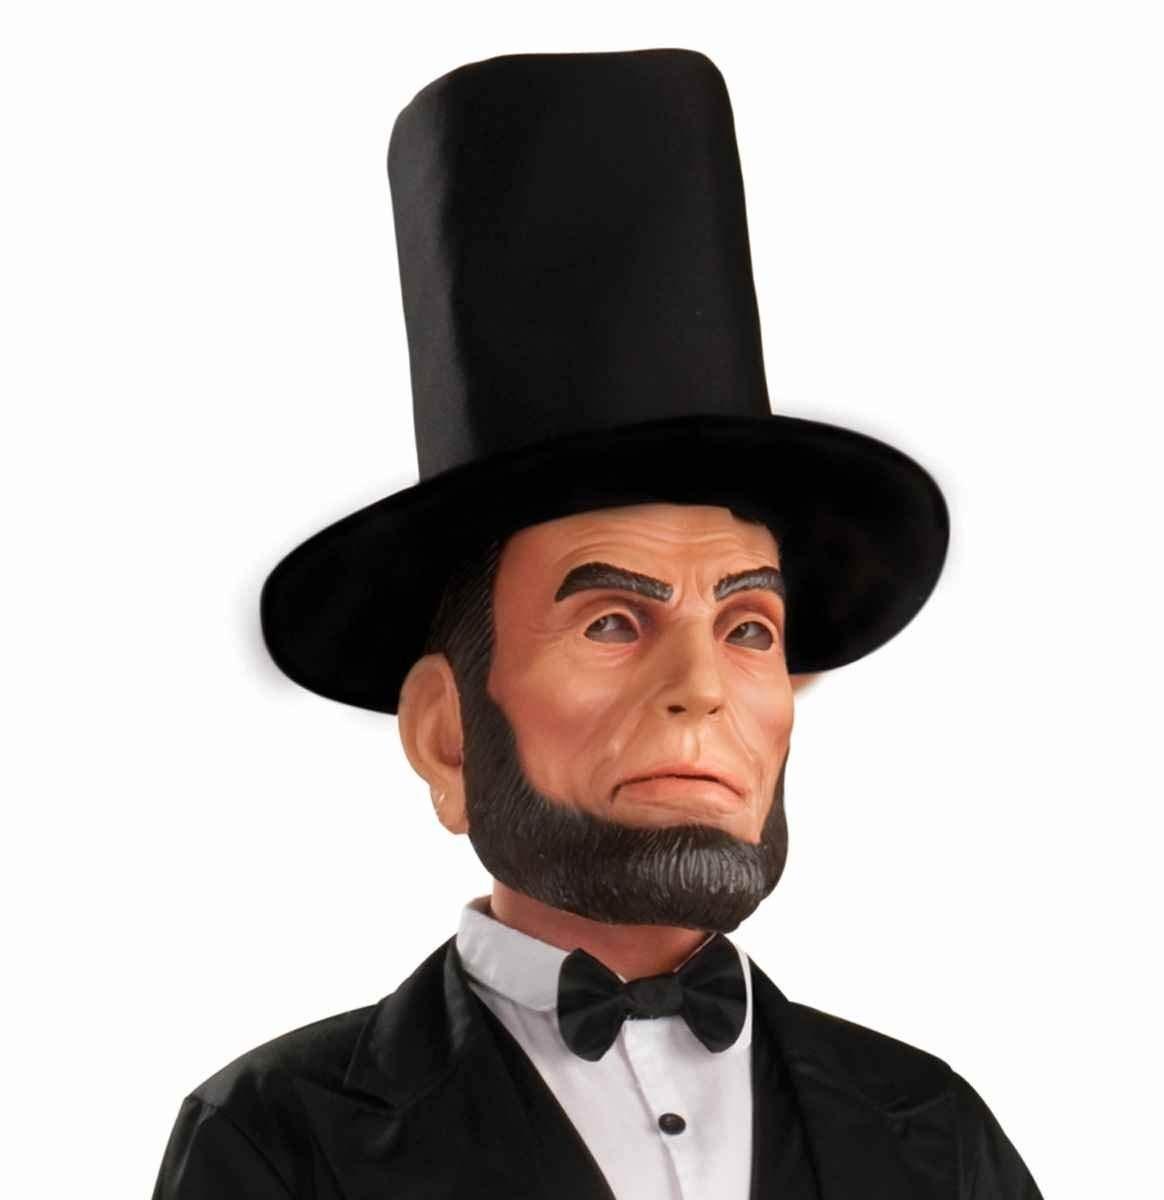 Máscara De Personajes De Látex Con Sombrero De Presidente... -   156.777 en Mercado  Libre d8441de54c9